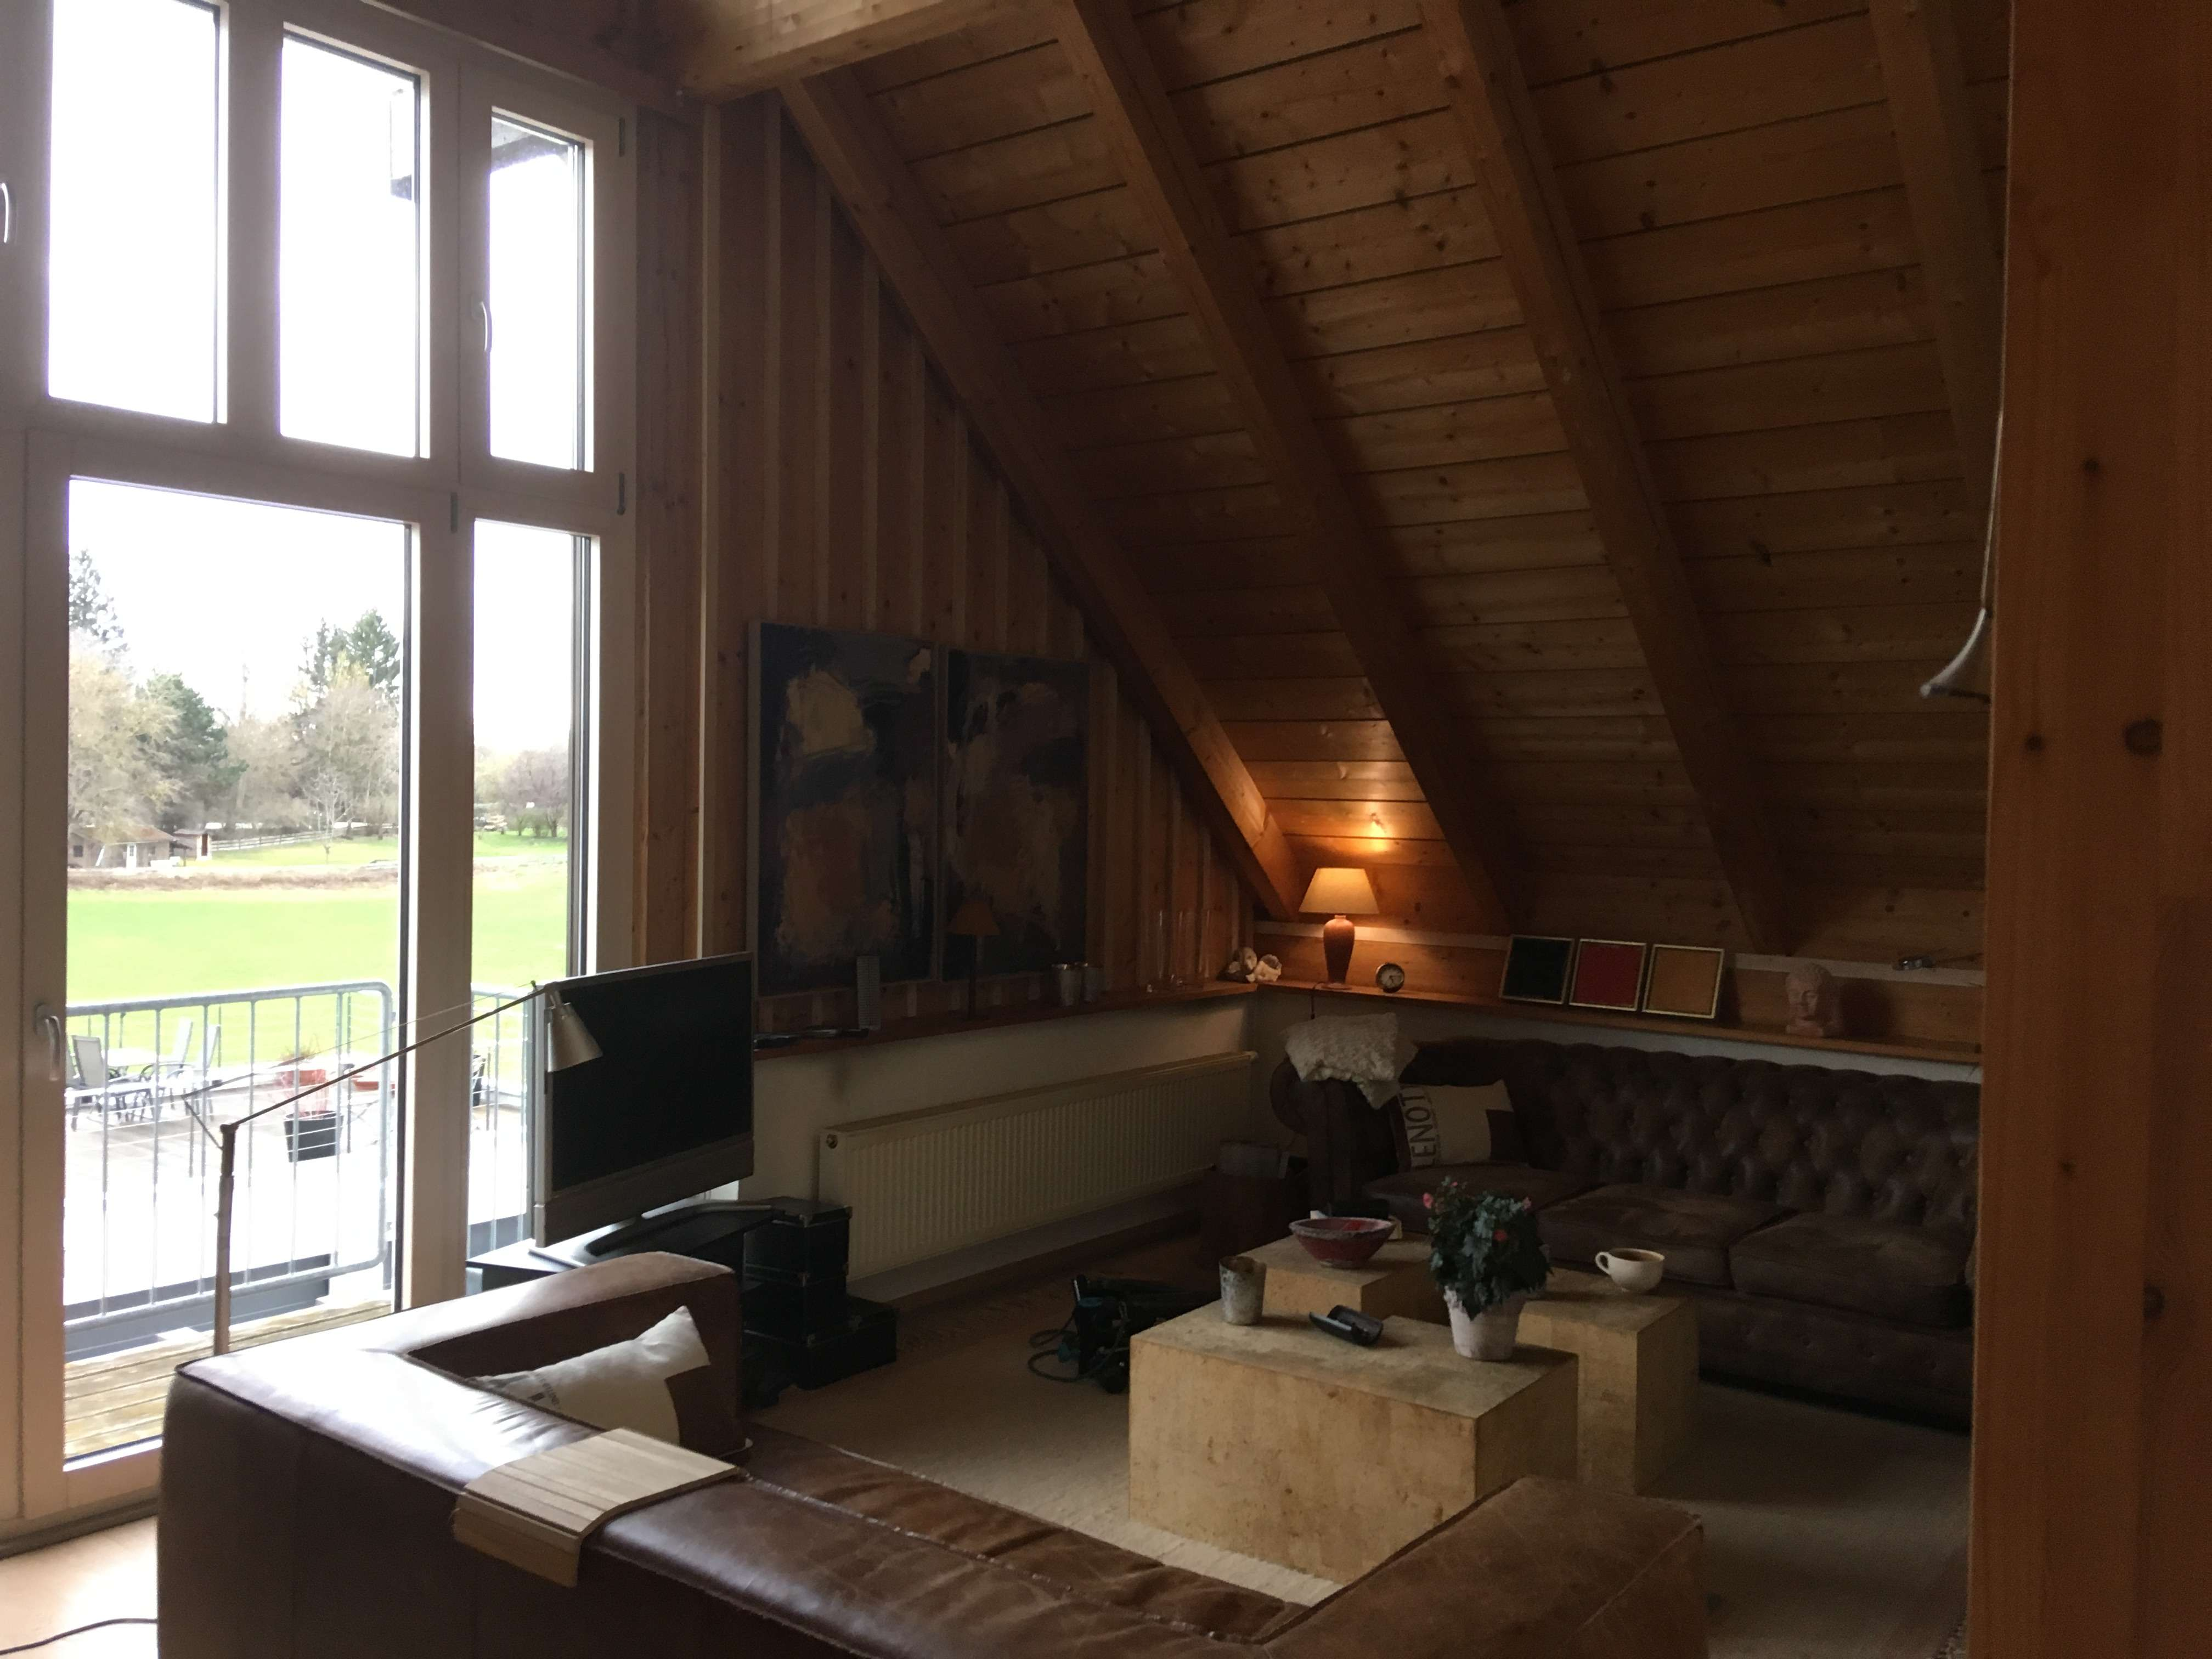 Lichtdurchflutete, geräumige  2-Zi-DG-Wohnung mit 3 Balkonen + Gartenanteil in Attenkirchen